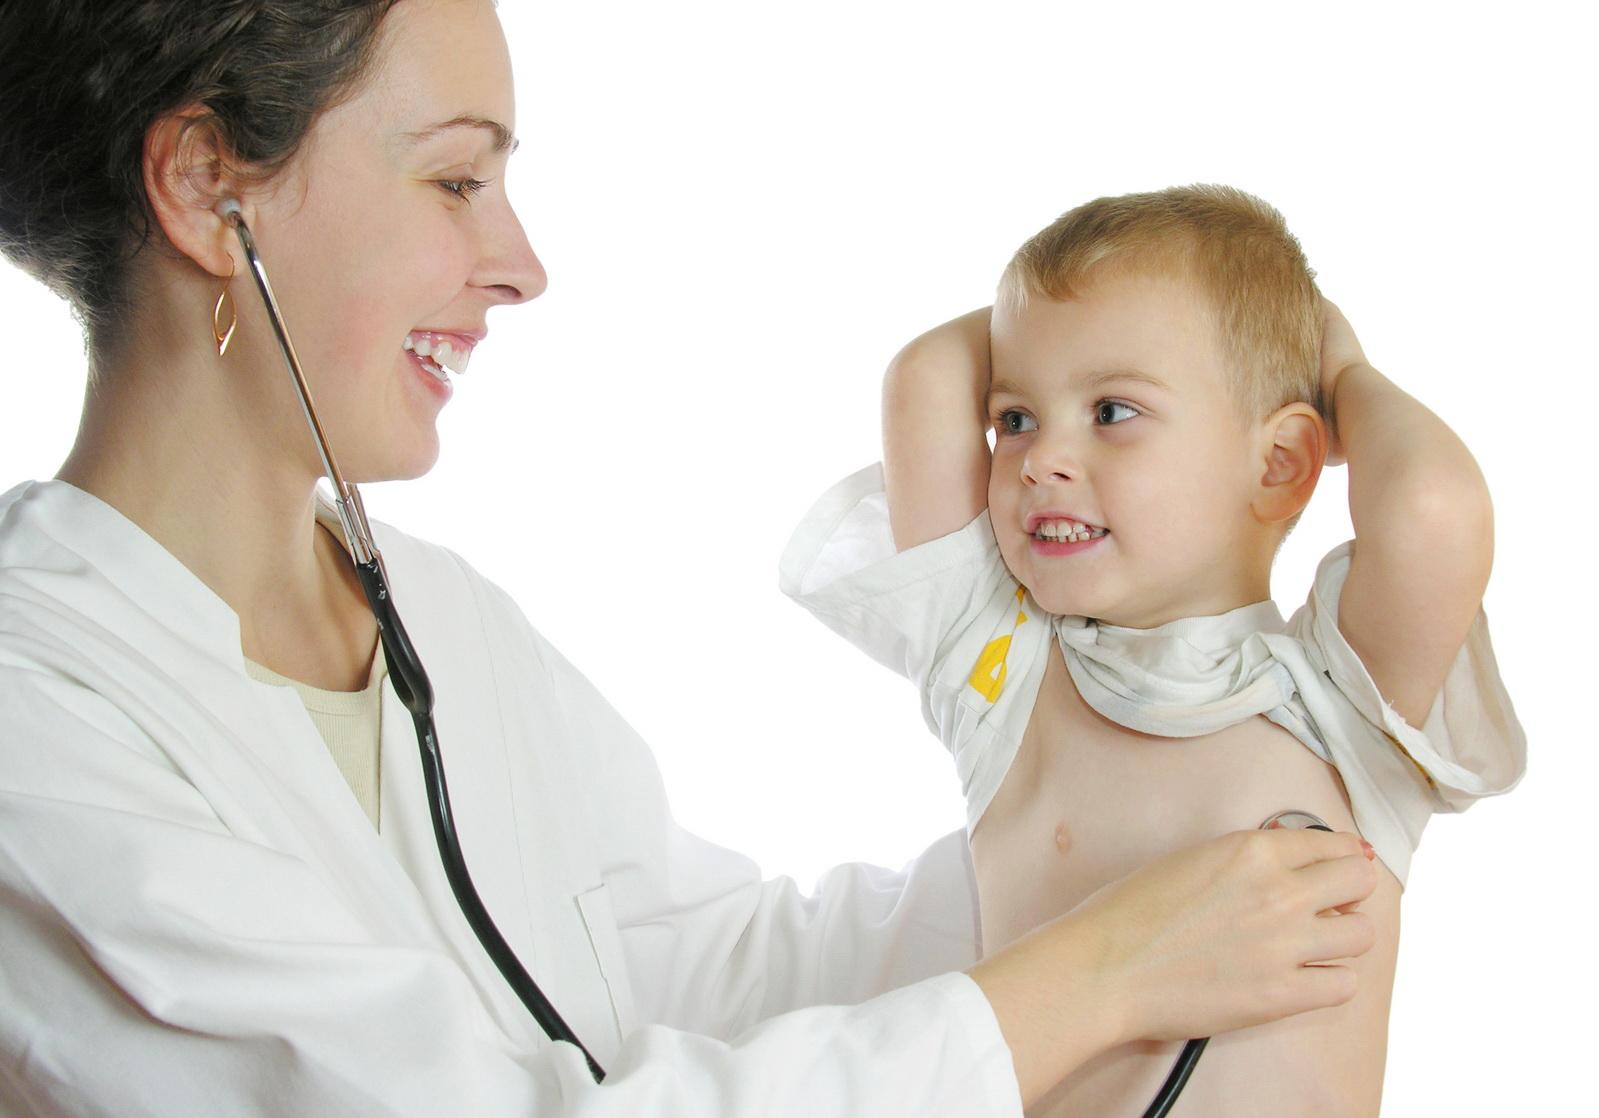 Врожденная миопатия – это патология, характеризующаяся врожденными изменениями генетически детерминированного типа, происходящих в тканях мышц.